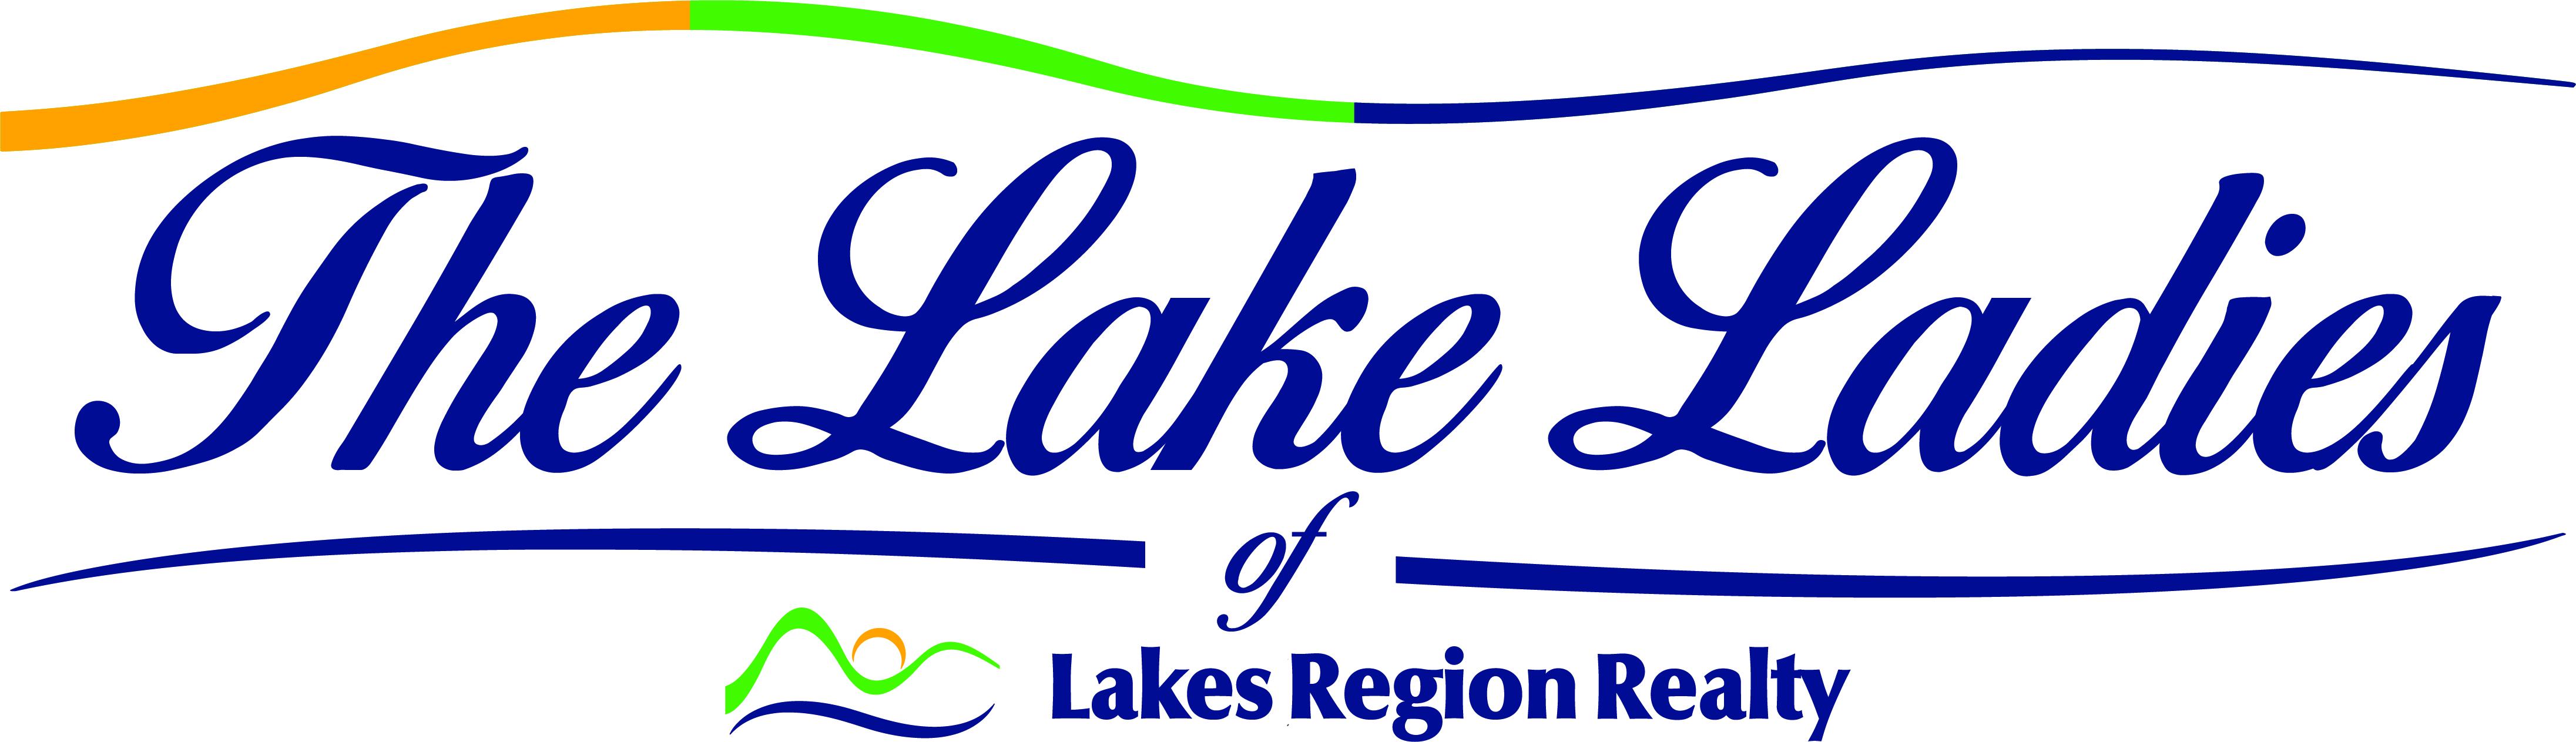 Lake Ladies Banner